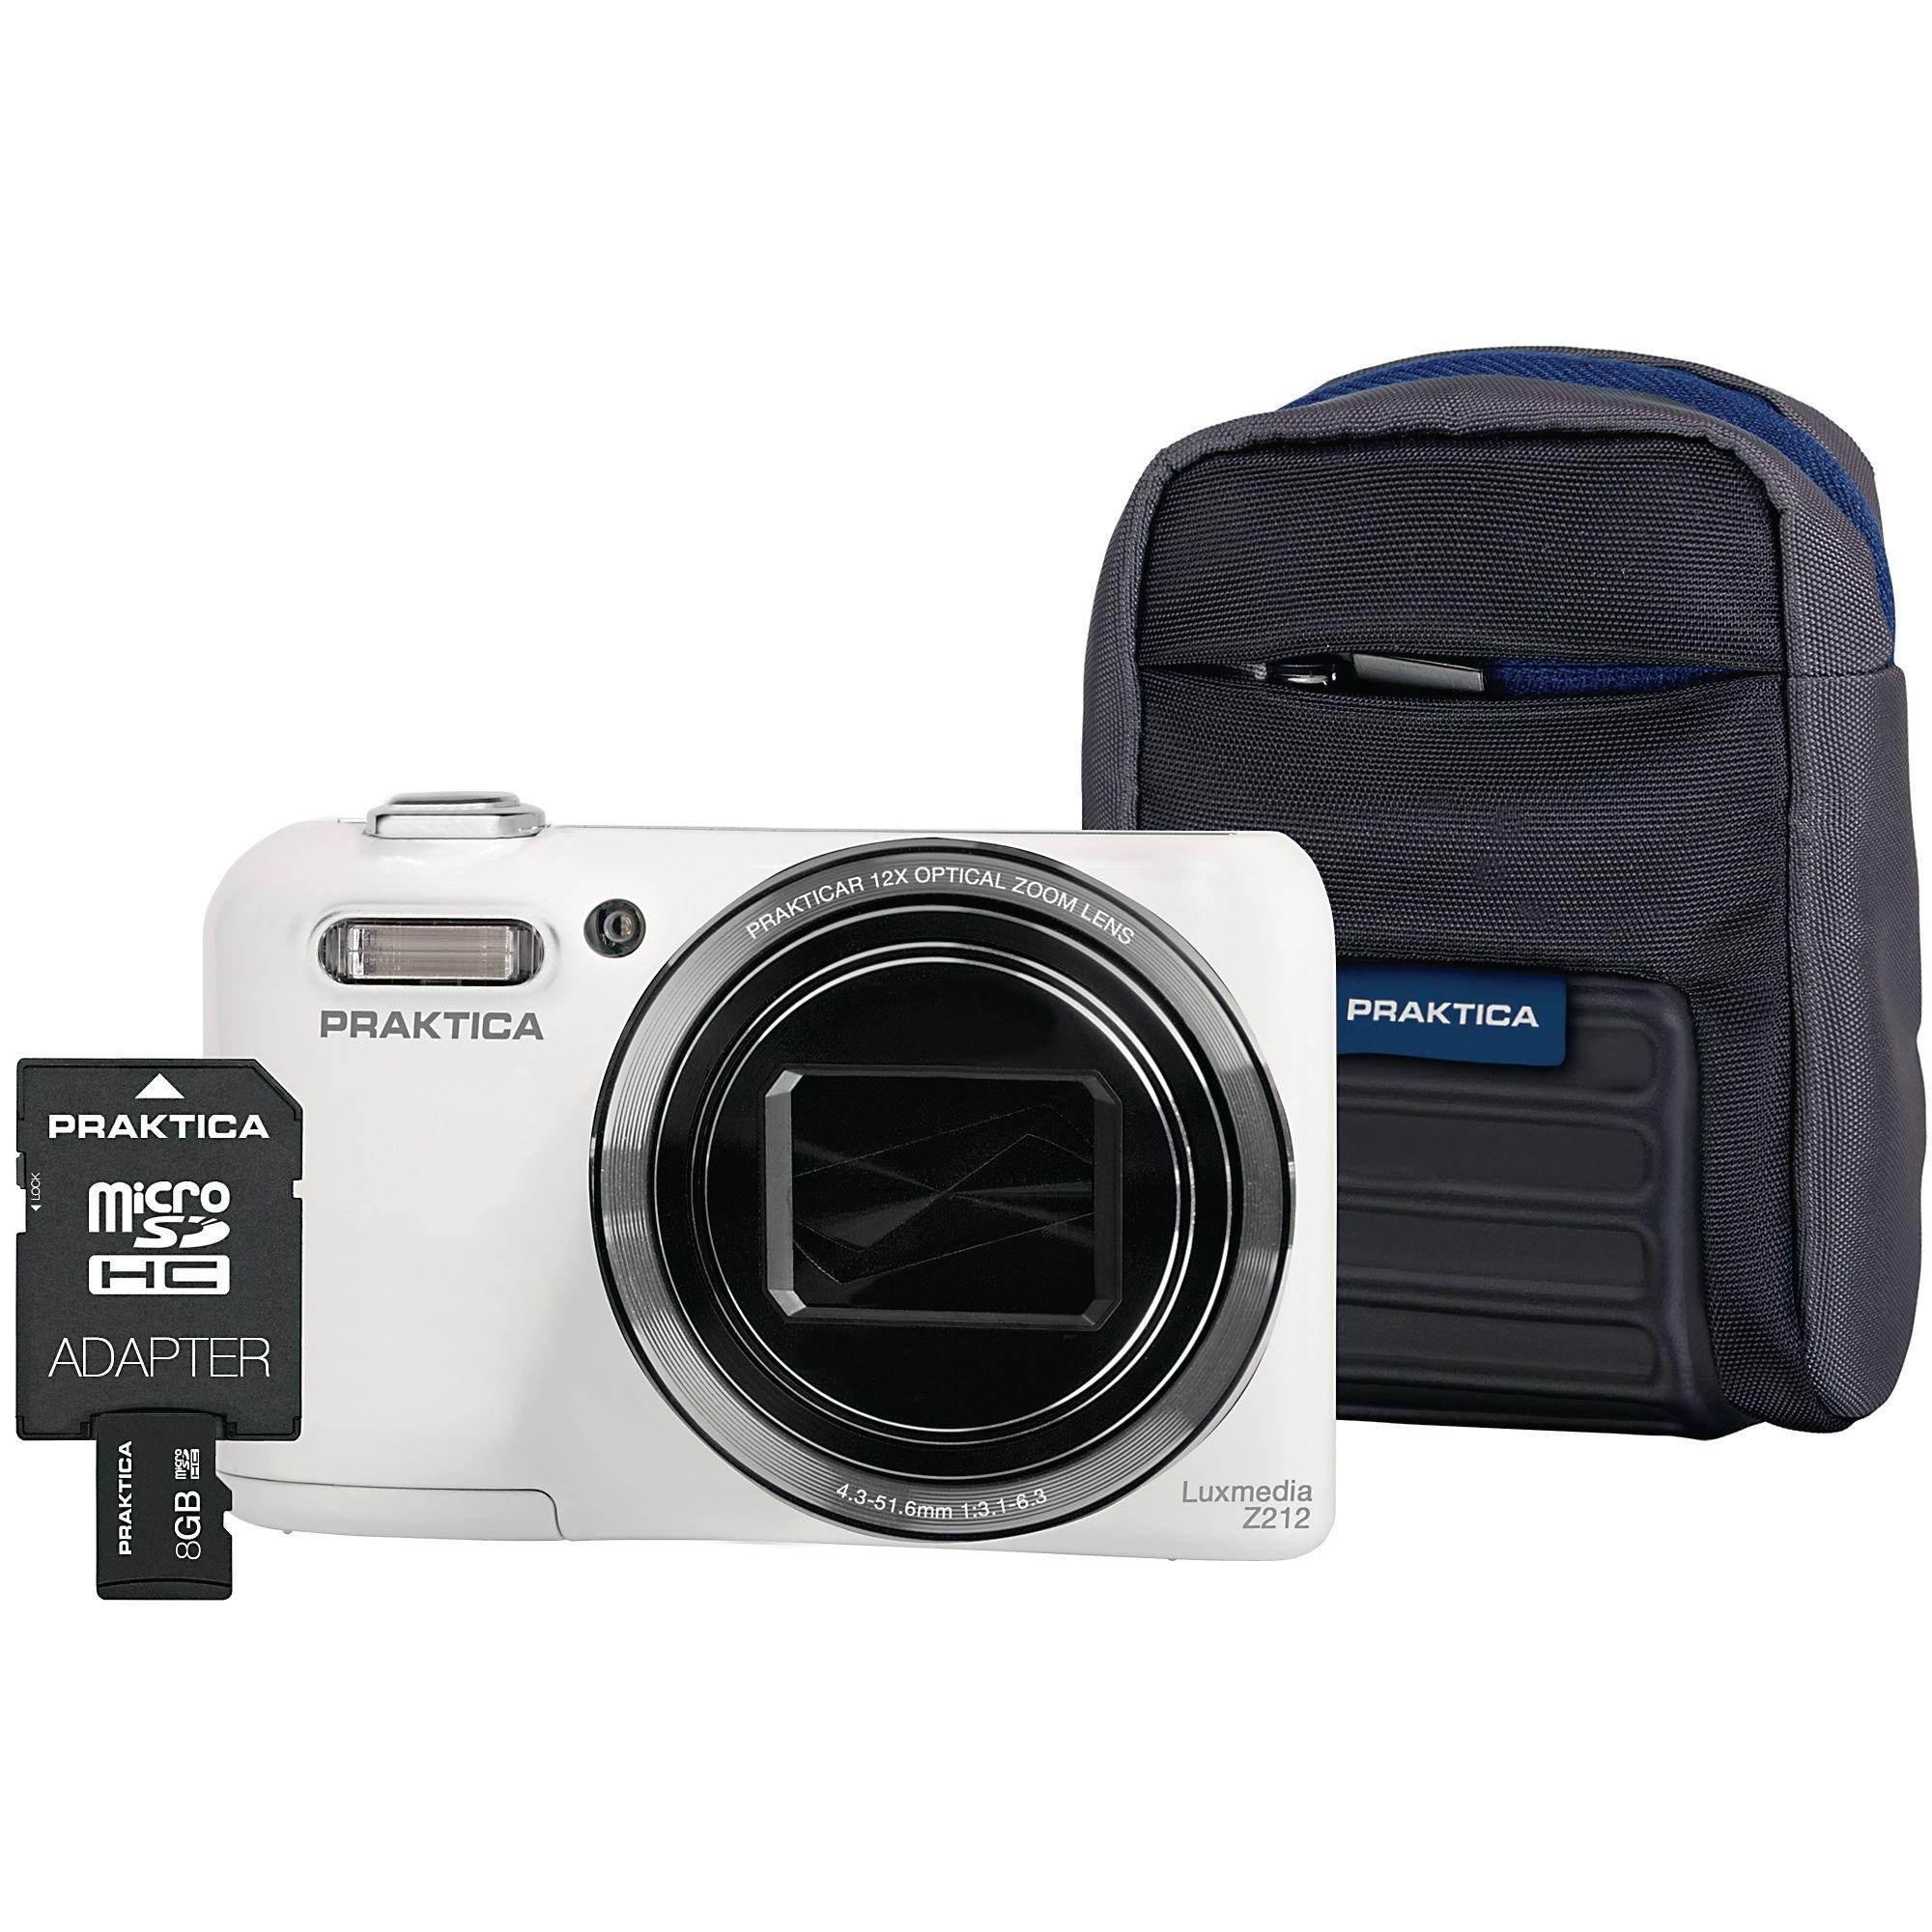 Praktica Luxmedia Z212 Camera Kit White